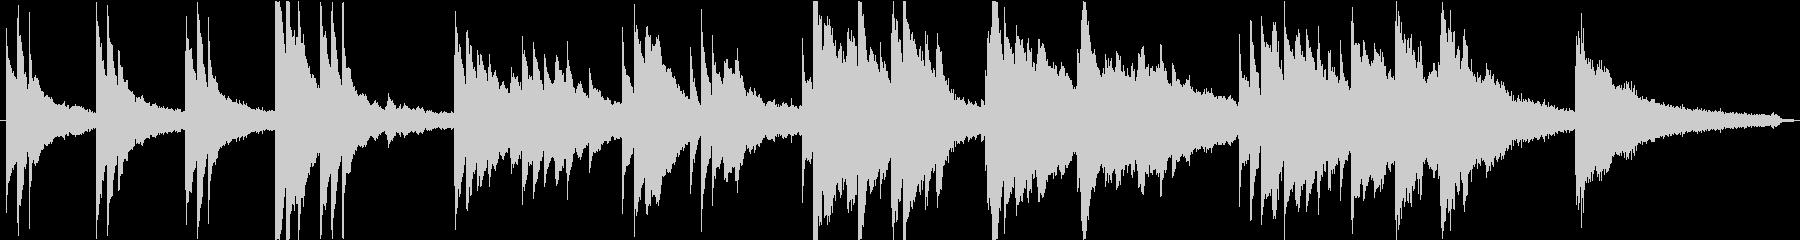 切ないピアノソロ1分。シーン切り替え等にの未再生の波形